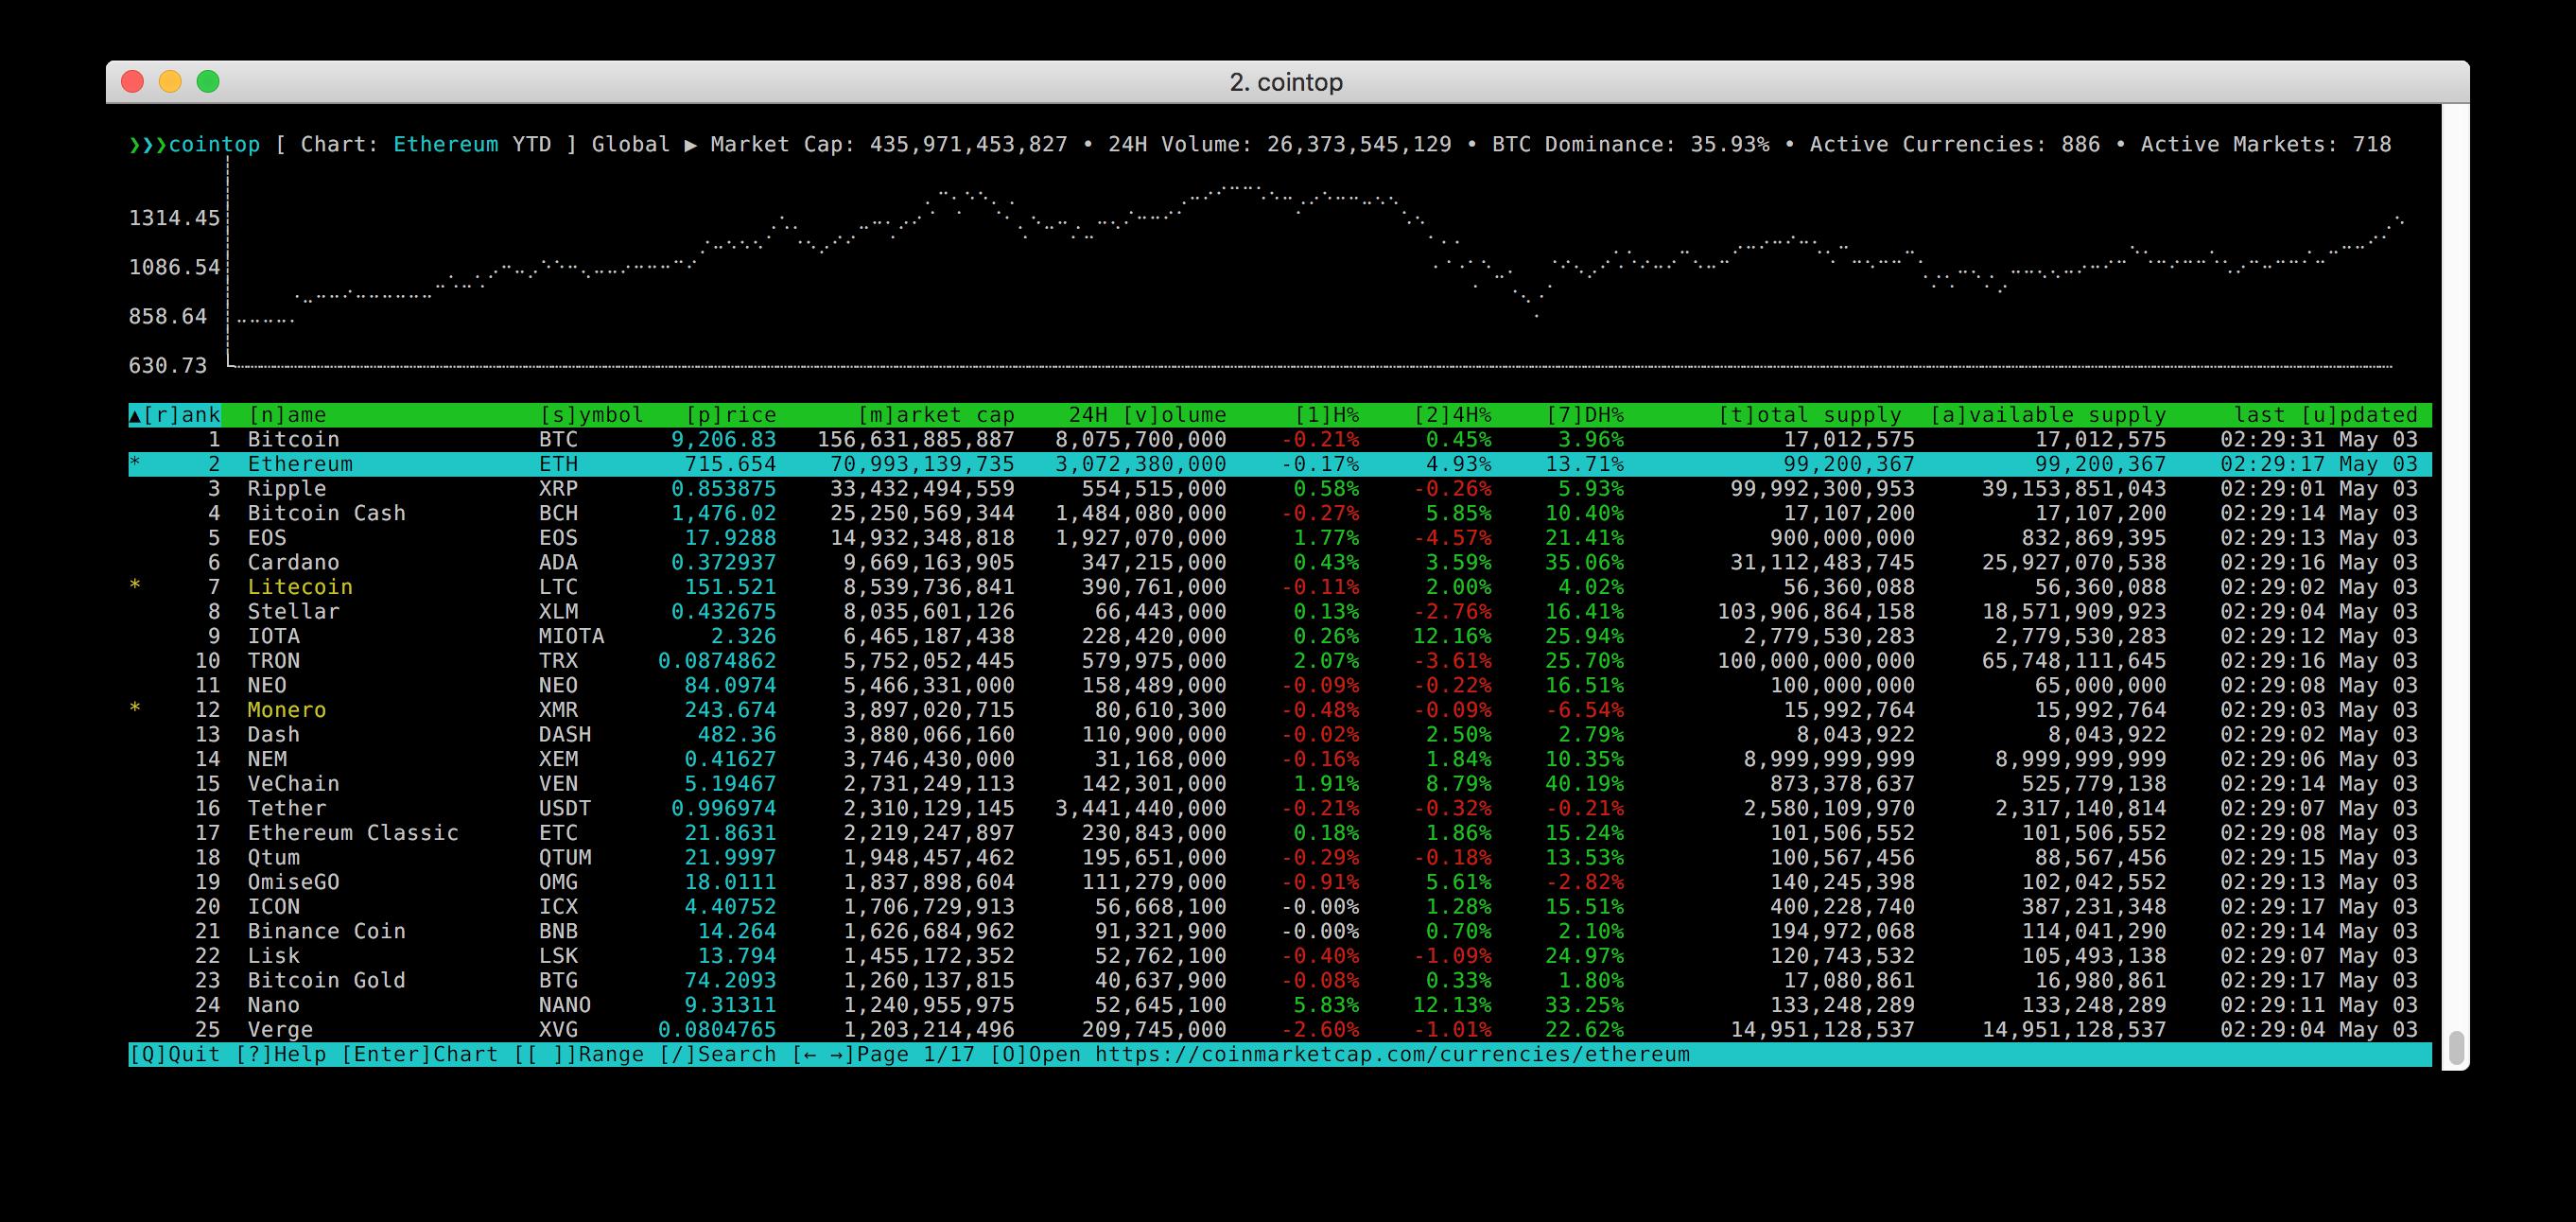 控制台的加密货币跟踪工具 cointop